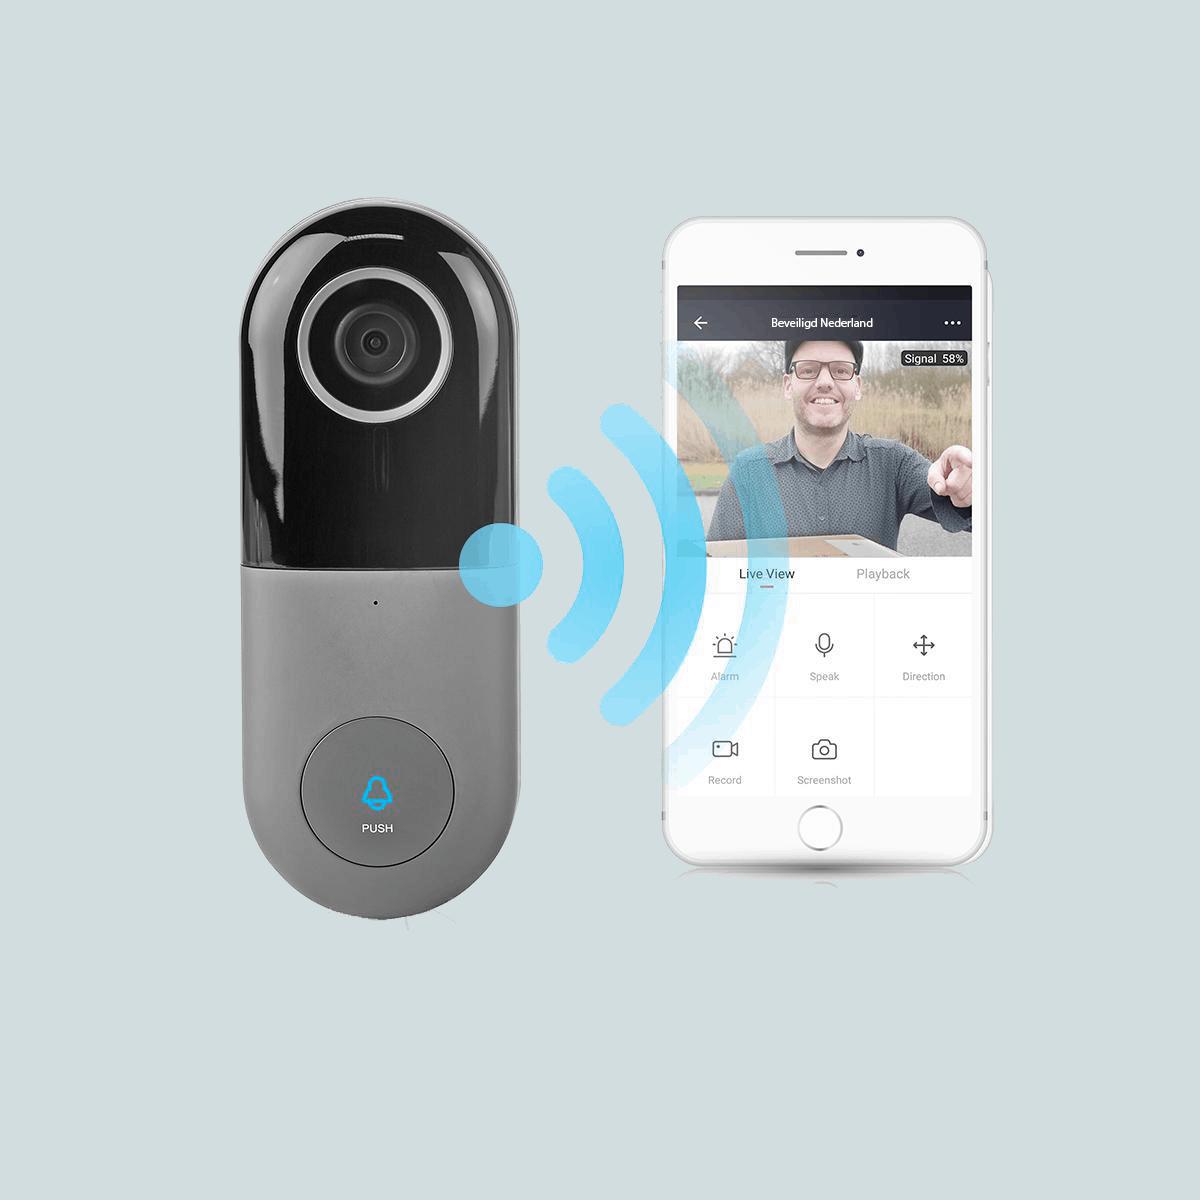 Slimme videodeurbel - beveiligd nederland - app telefoon (1)